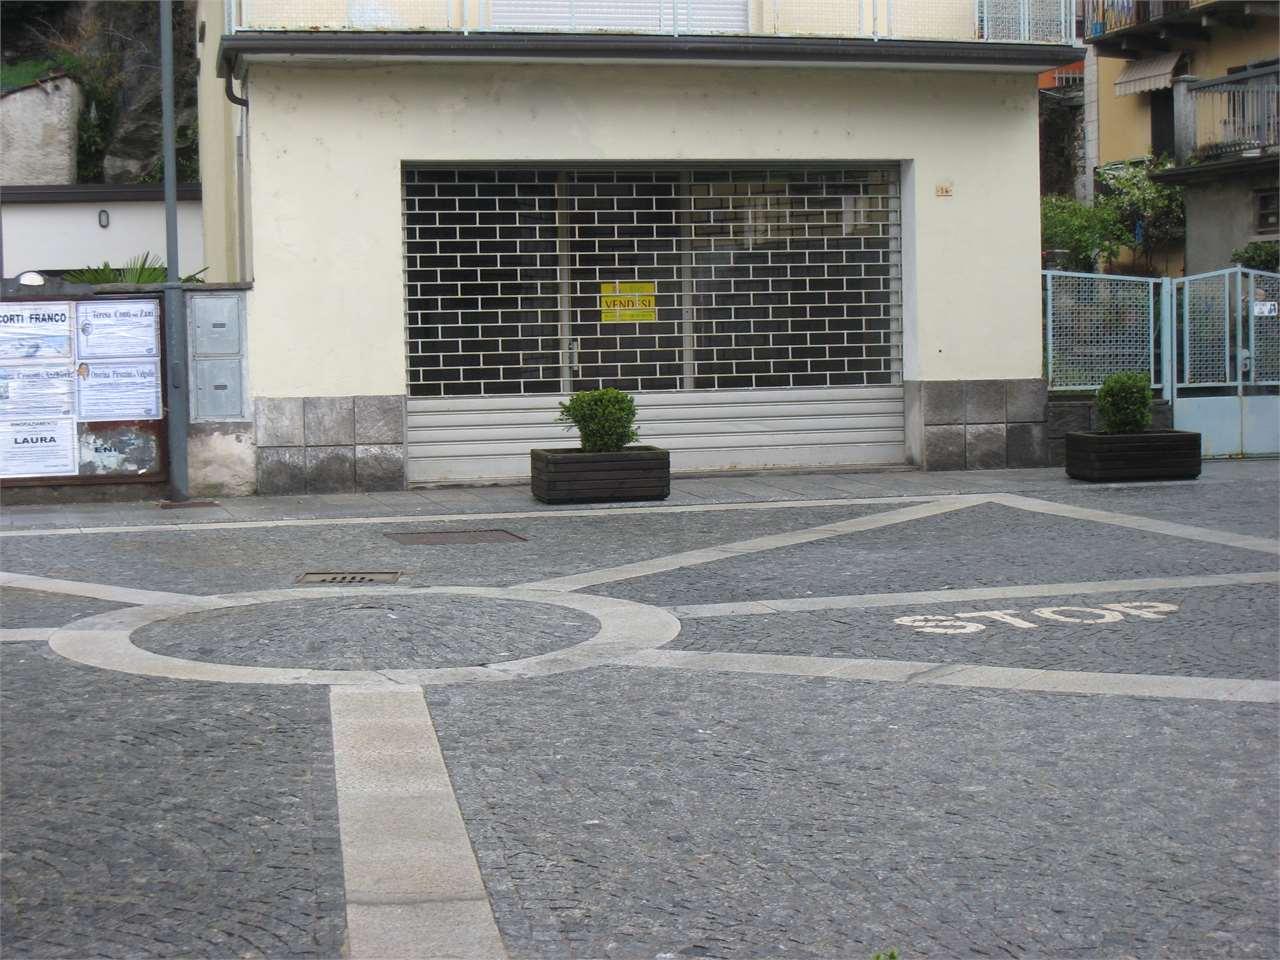 Negozio / Locale in vendita a Piedimulera, 3 locali, prezzo € 60.000 | CambioCasa.it